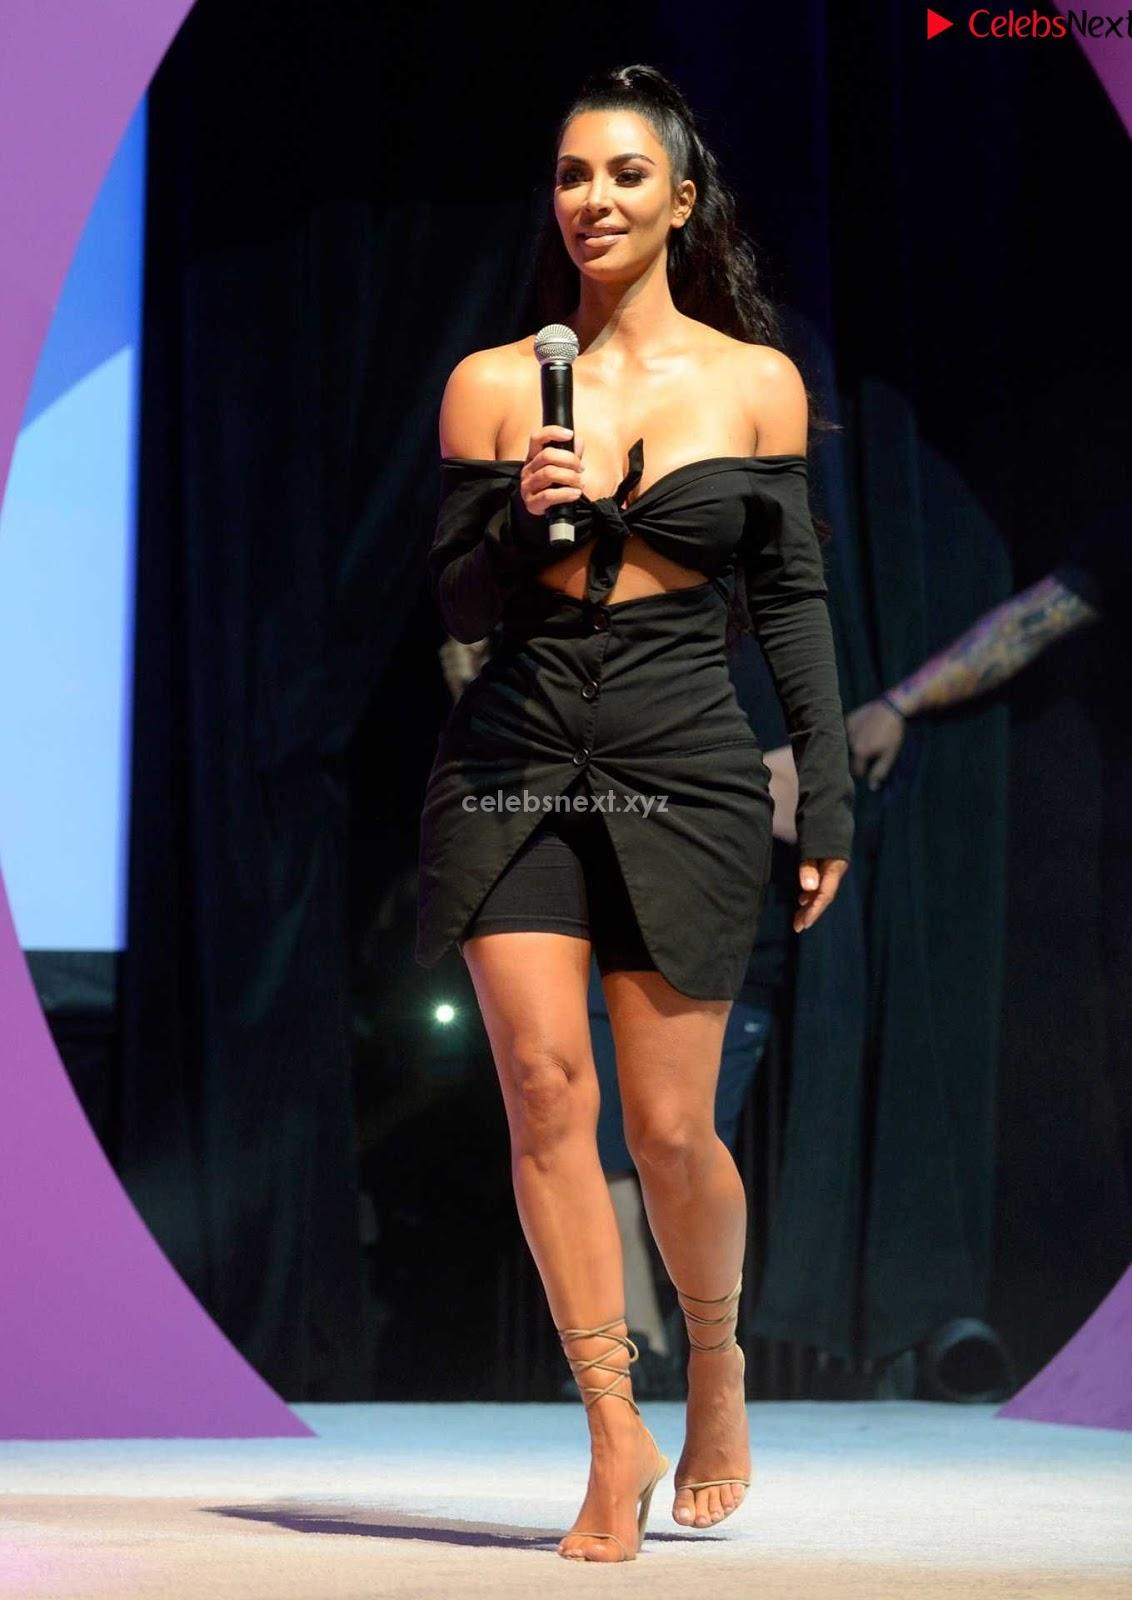 Kim Kardashian Huge Cleavage in Black Deep Neck Top Must see August 2018